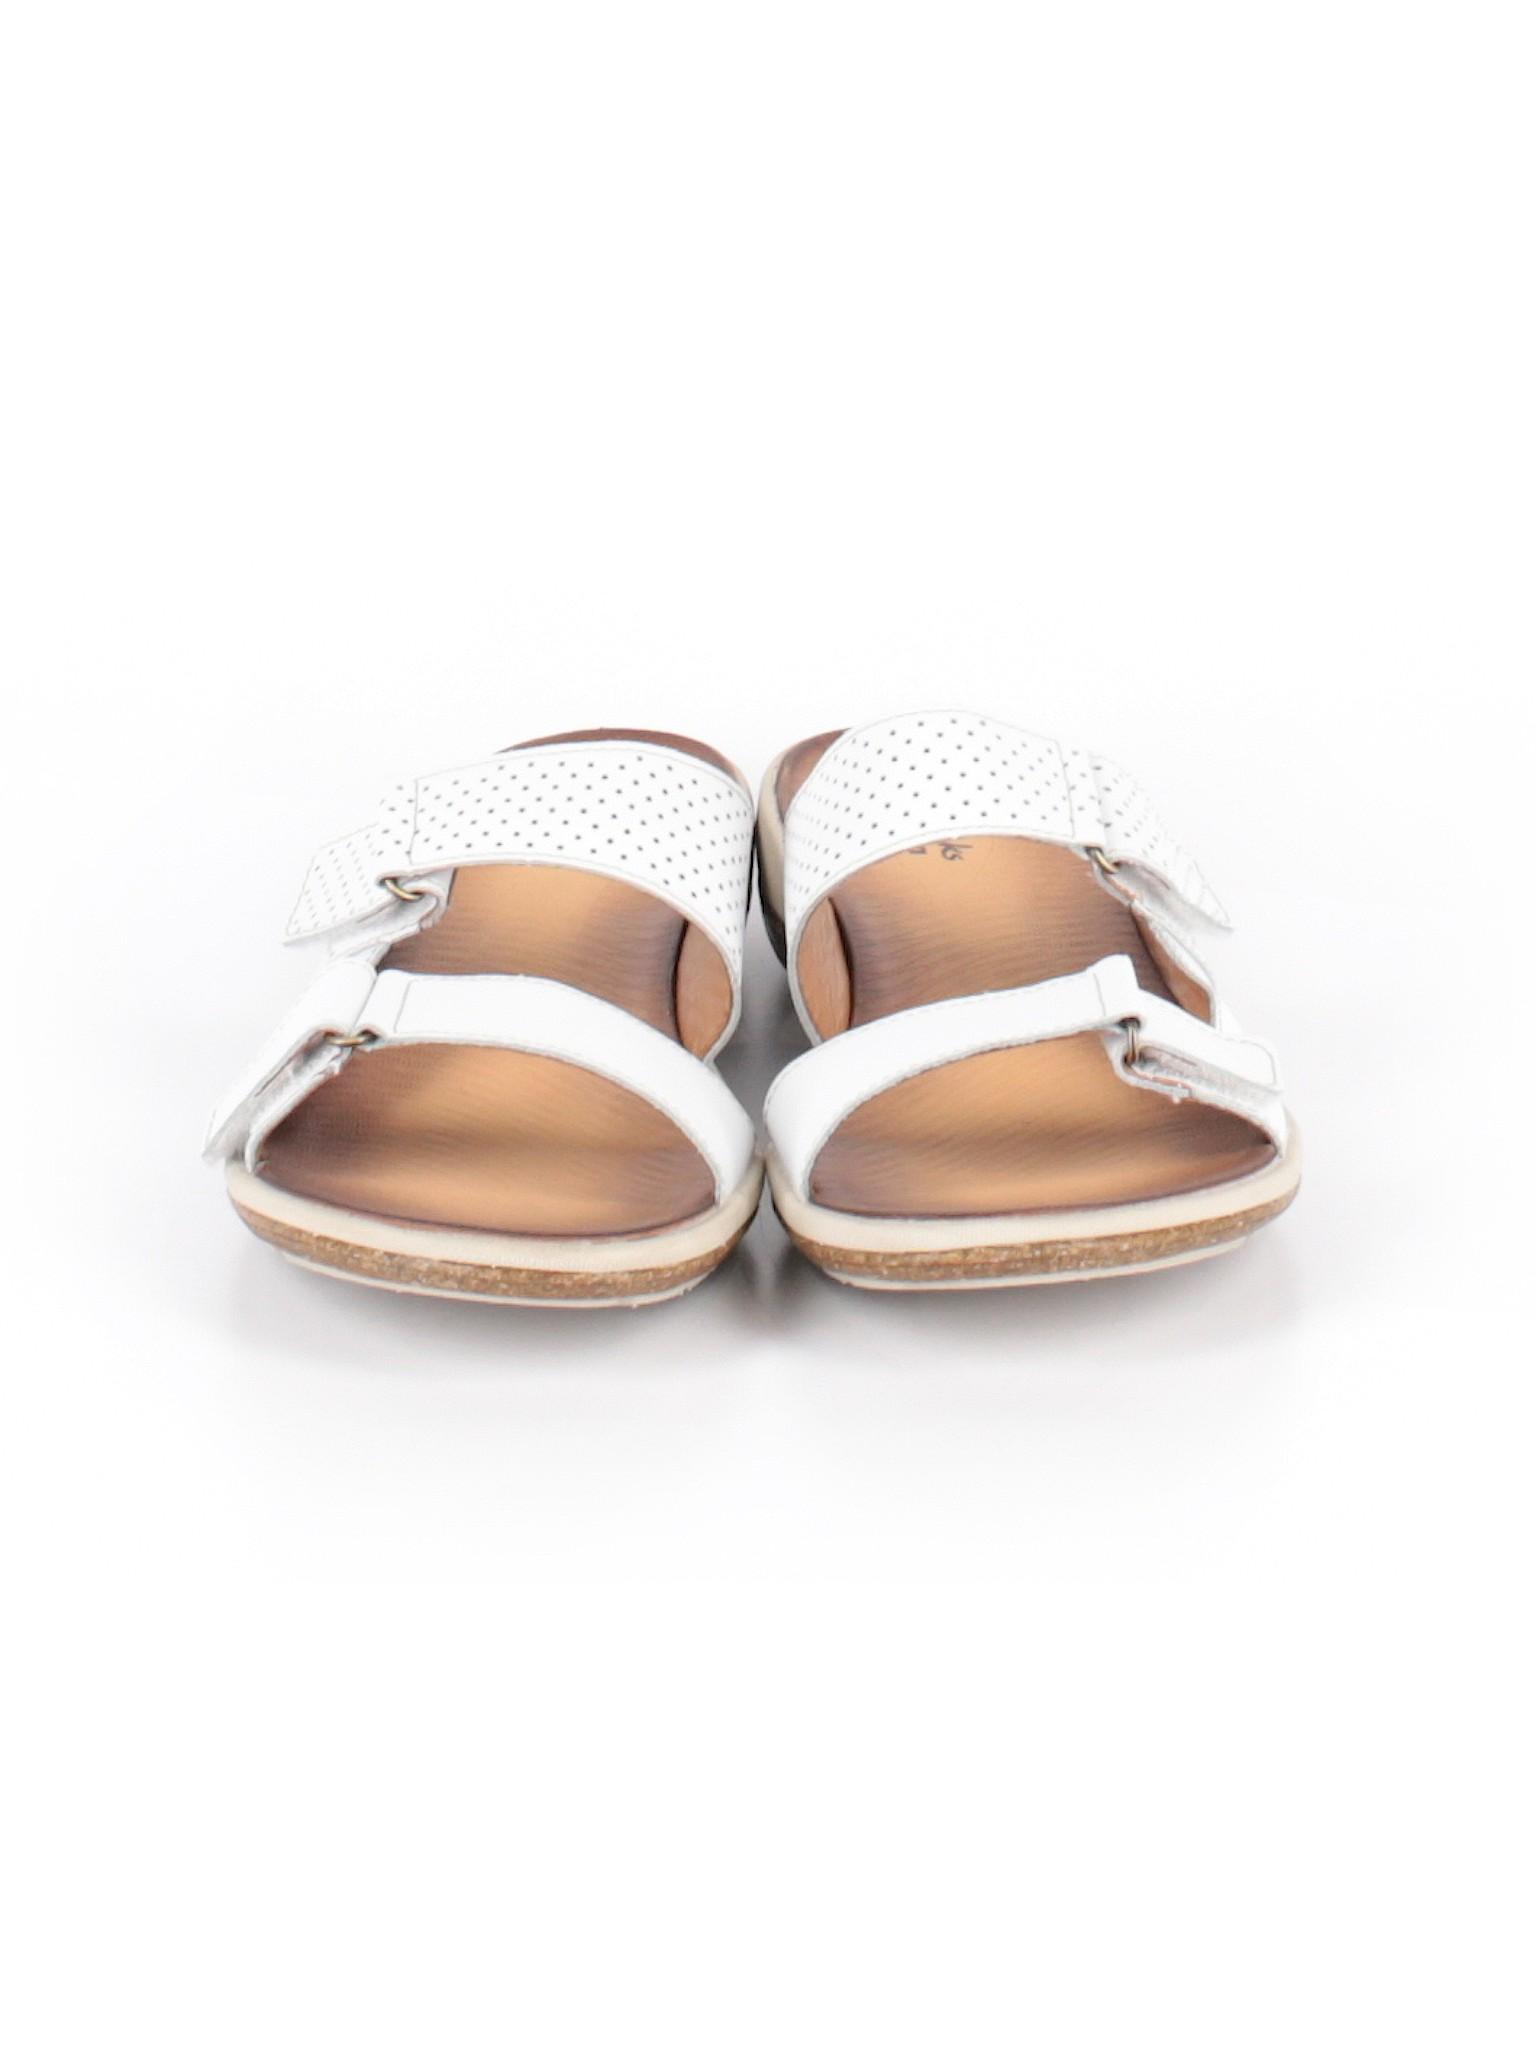 promotion Boutique Clarks promotion Clarks Boutique Sandals Sandals Boutique TOXpxB